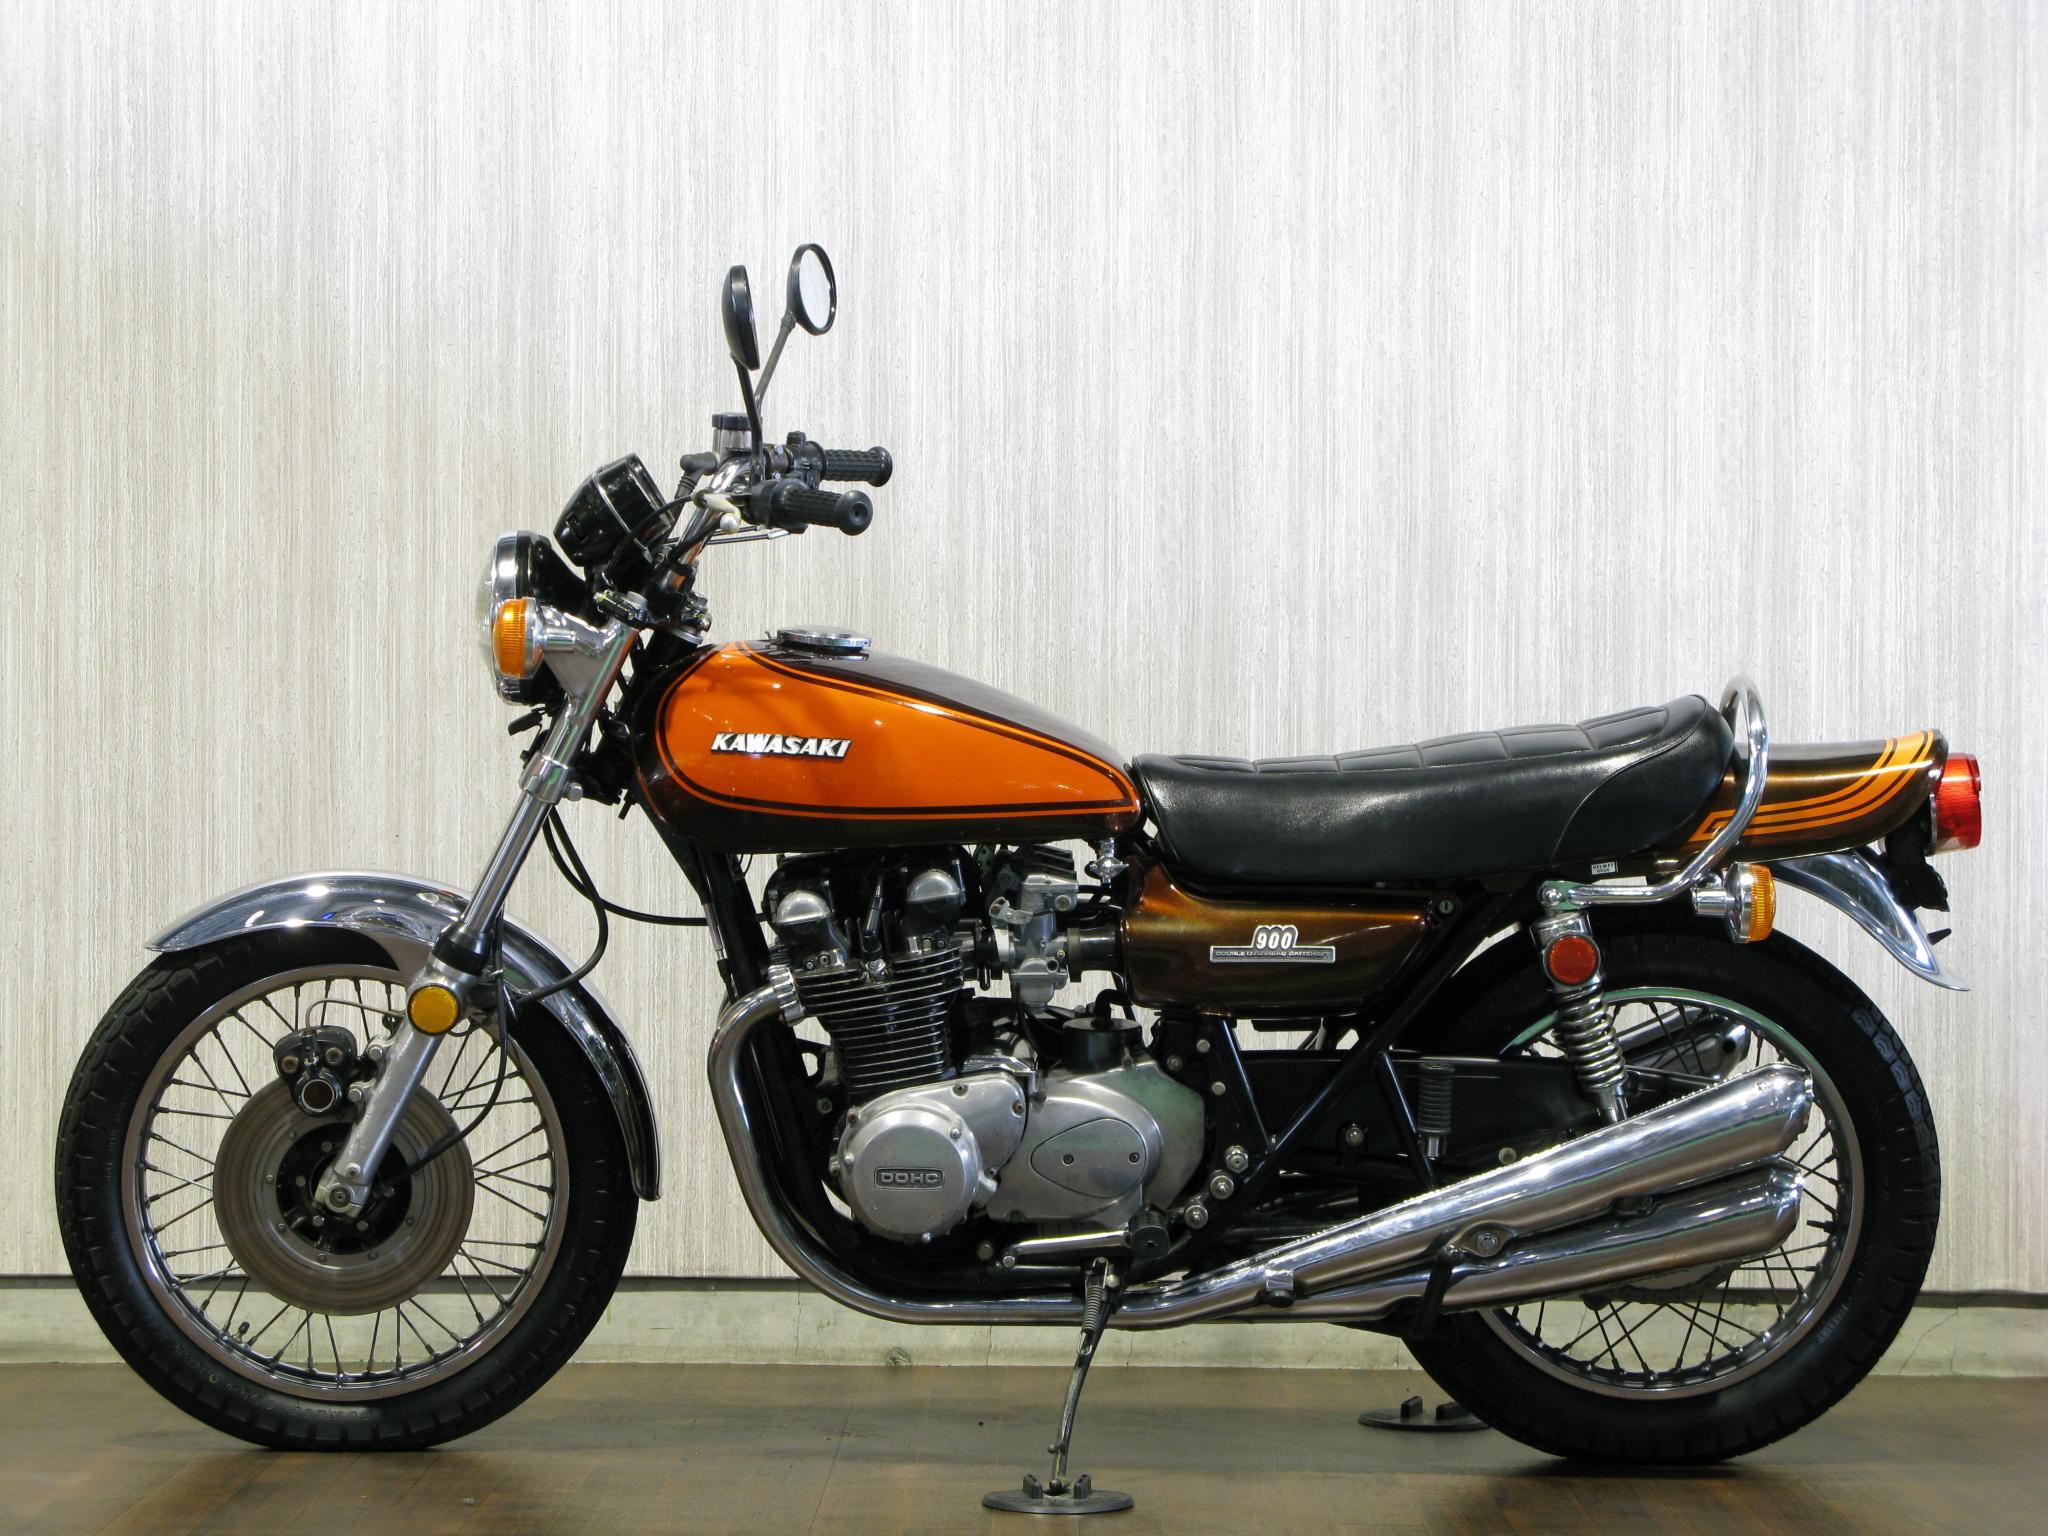 カワサキ 1973 Kawasaki Z1 車体写真4